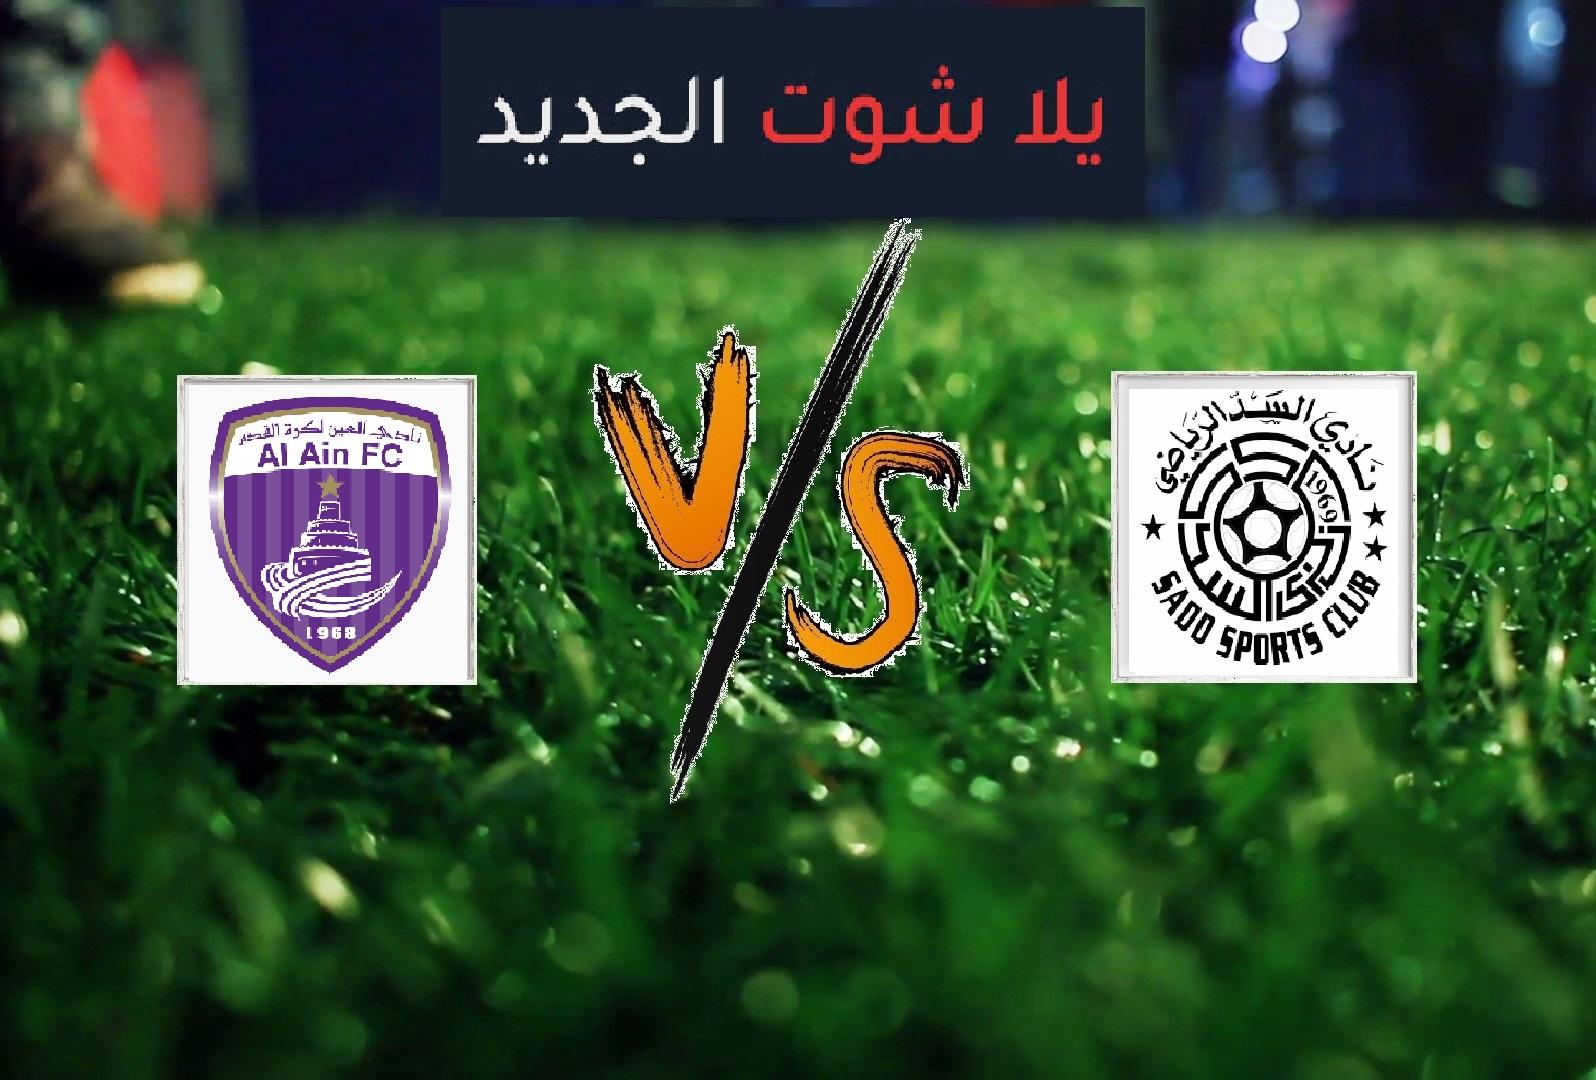 نتيجة مباراة العين والسد القطري اليوم الثلاثاء بتاريخ 15-09-2020 دوري أبطال آسيا